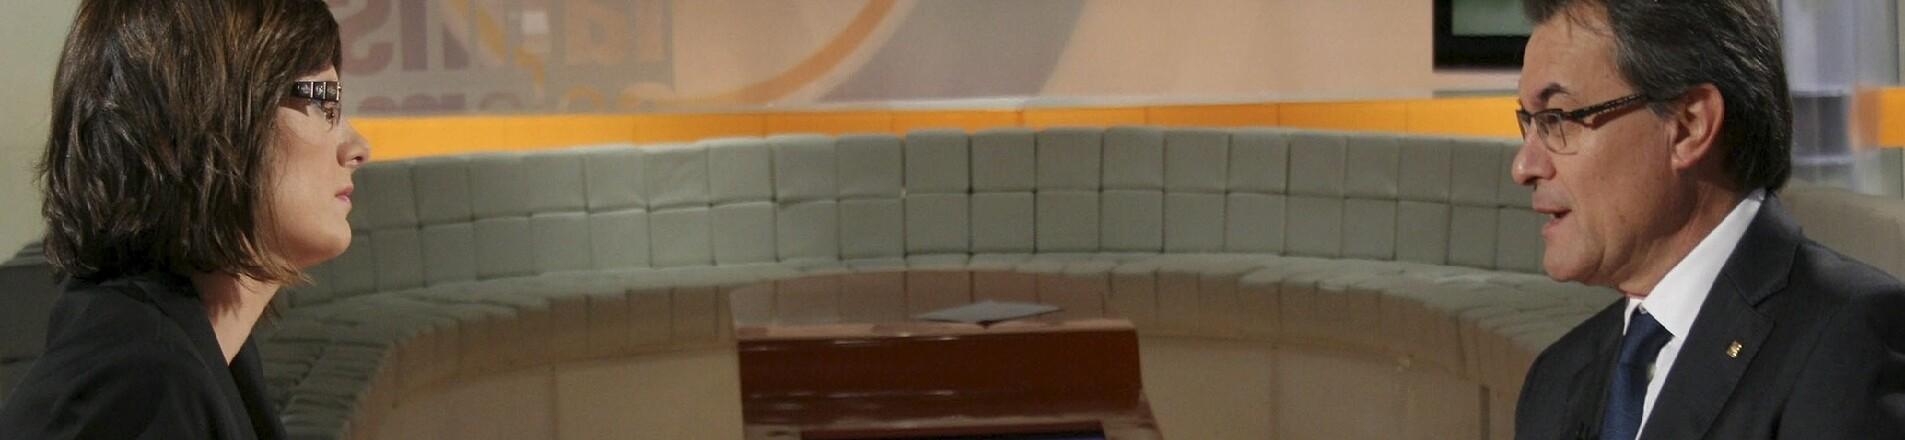 Sadiq Khan speaks at Lloyds City Dinner